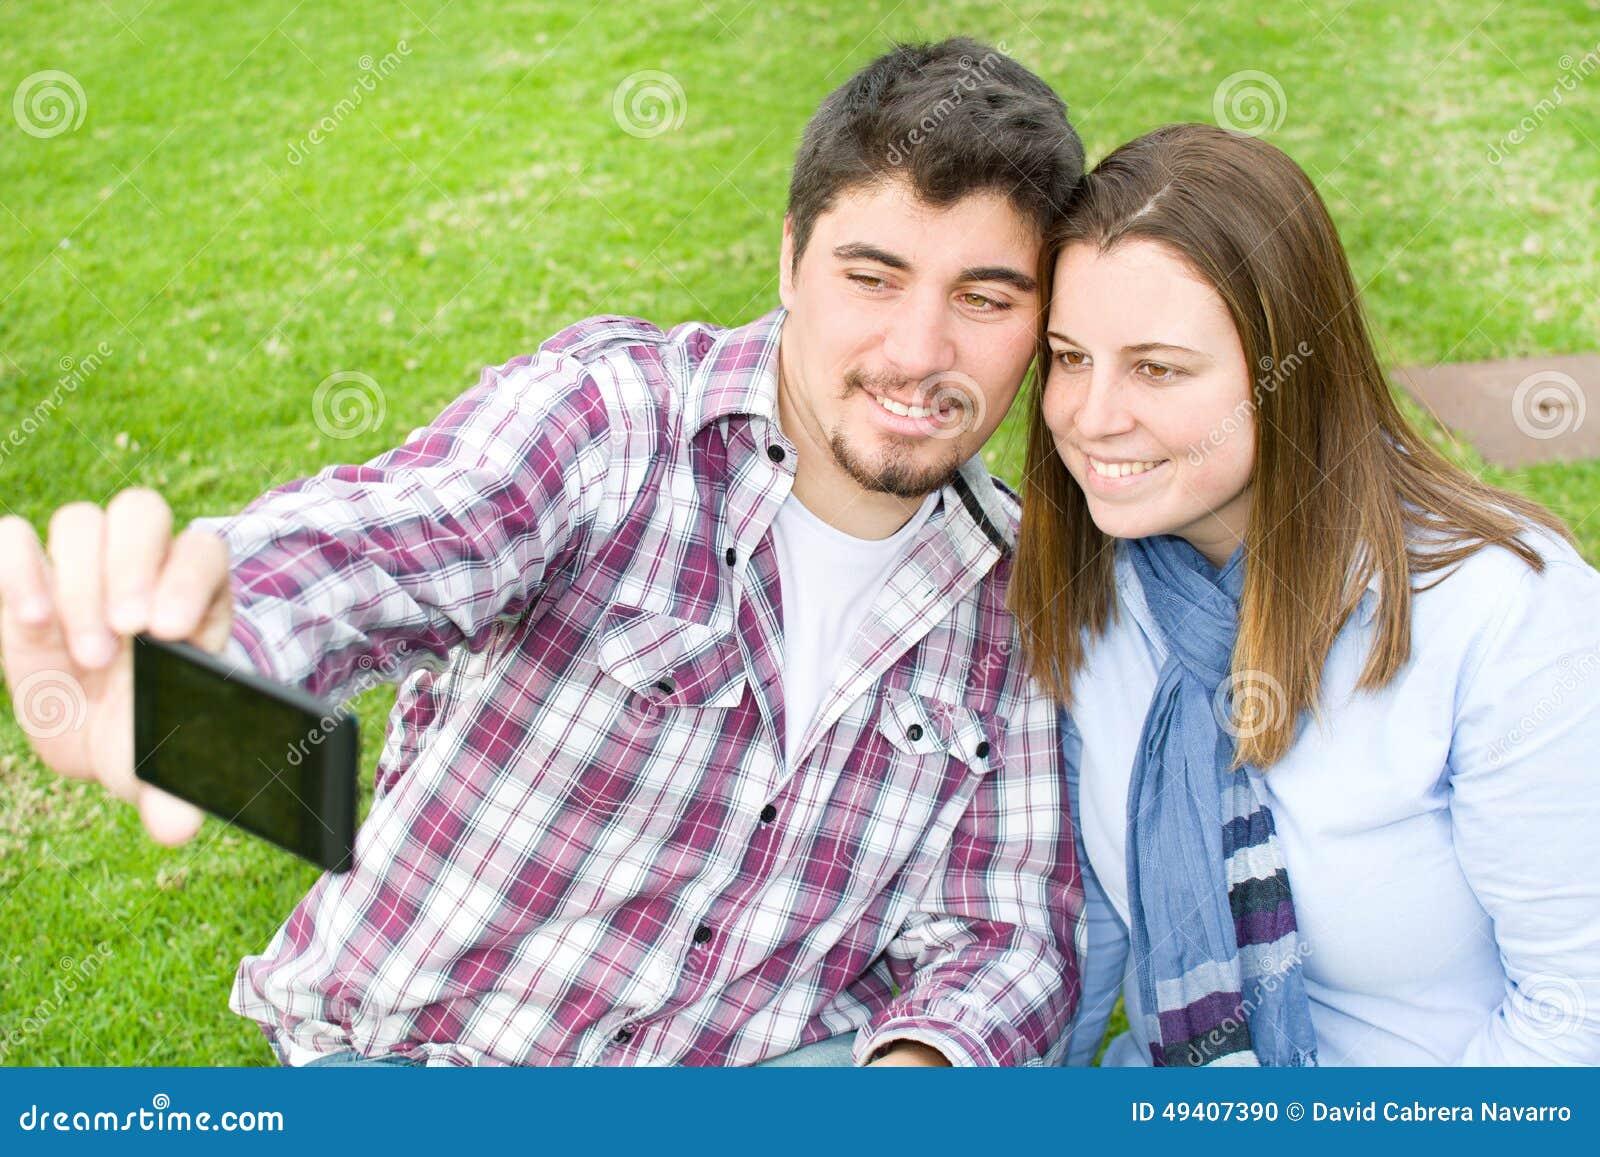 Download Junge Paare, Die Ein Selfie Machen Stockfoto - Bild von sorglos, kaukasisch: 49407390